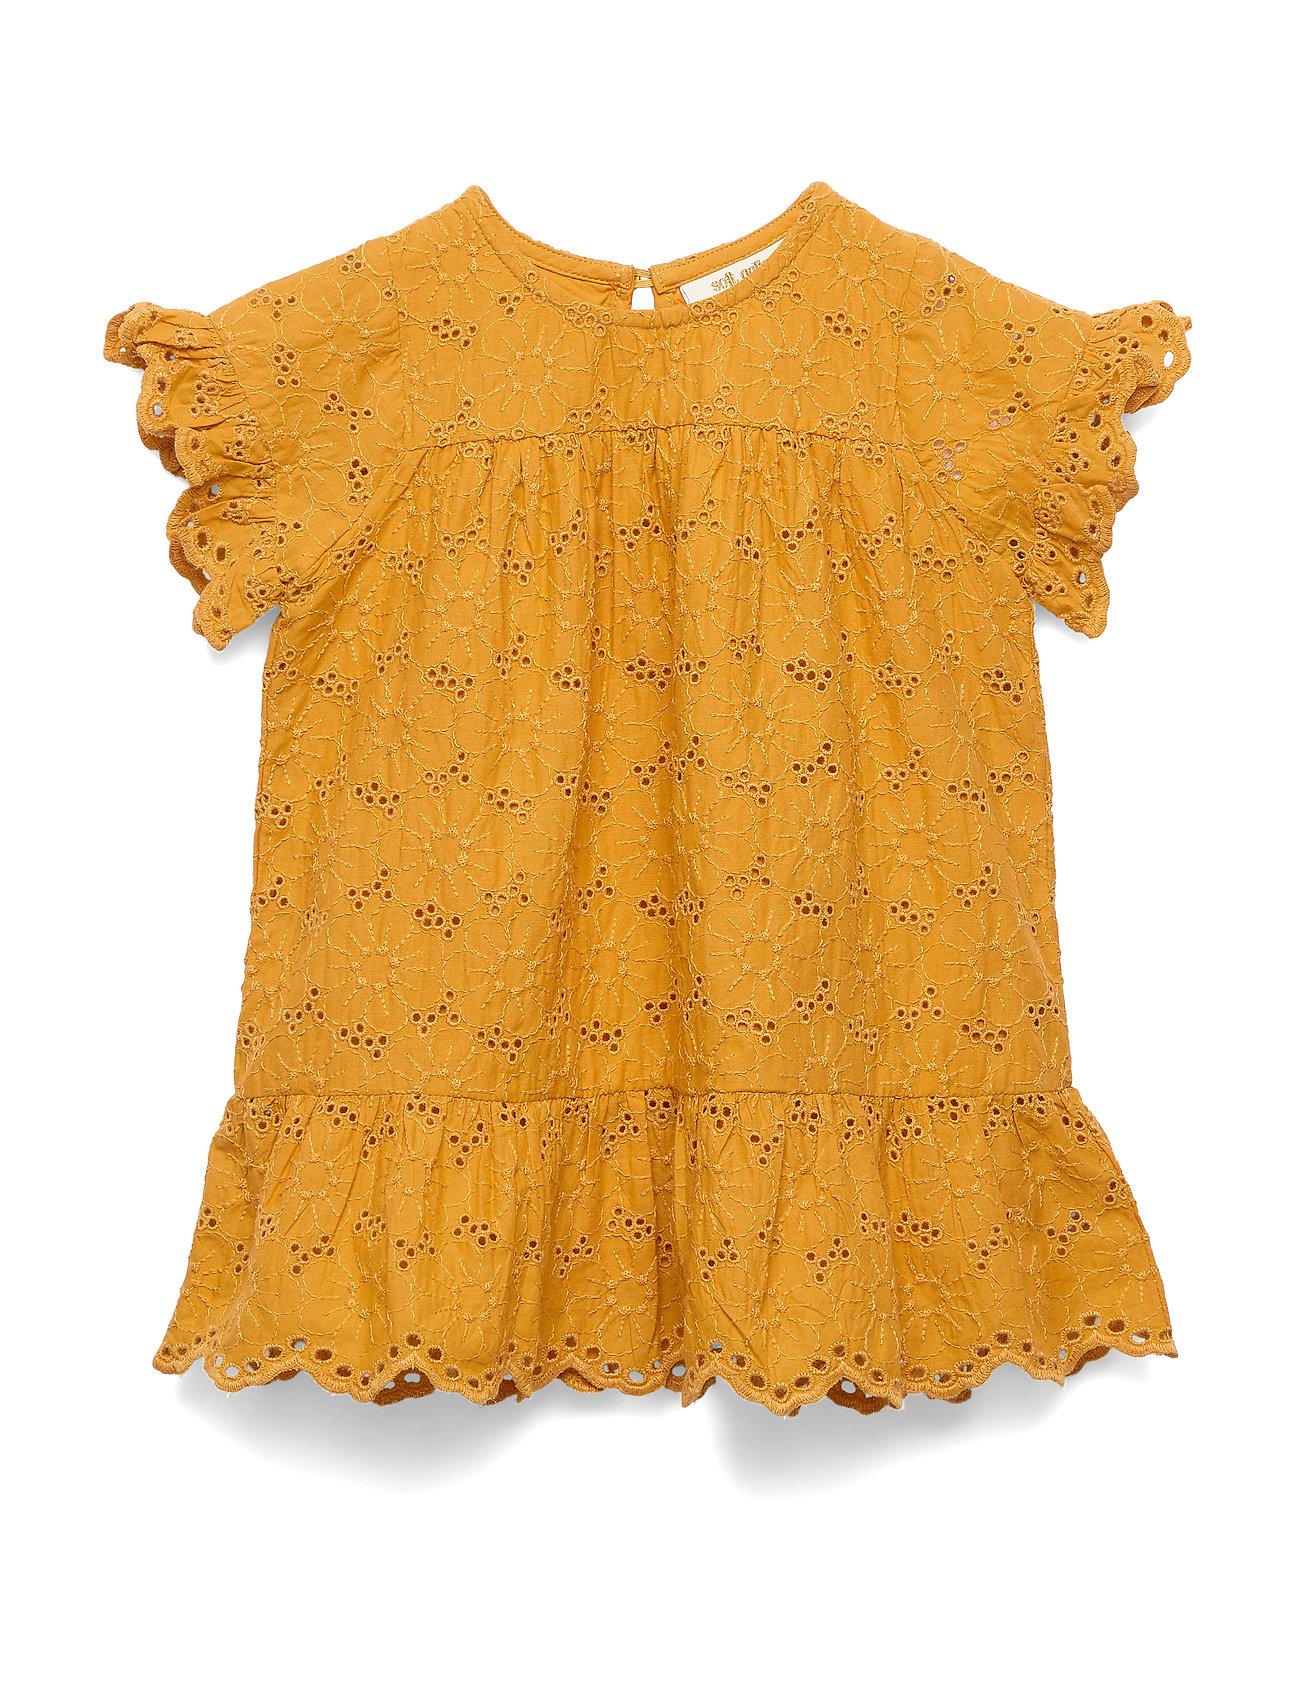 Soft Gallery Fianna Dress - SUNFLOWER